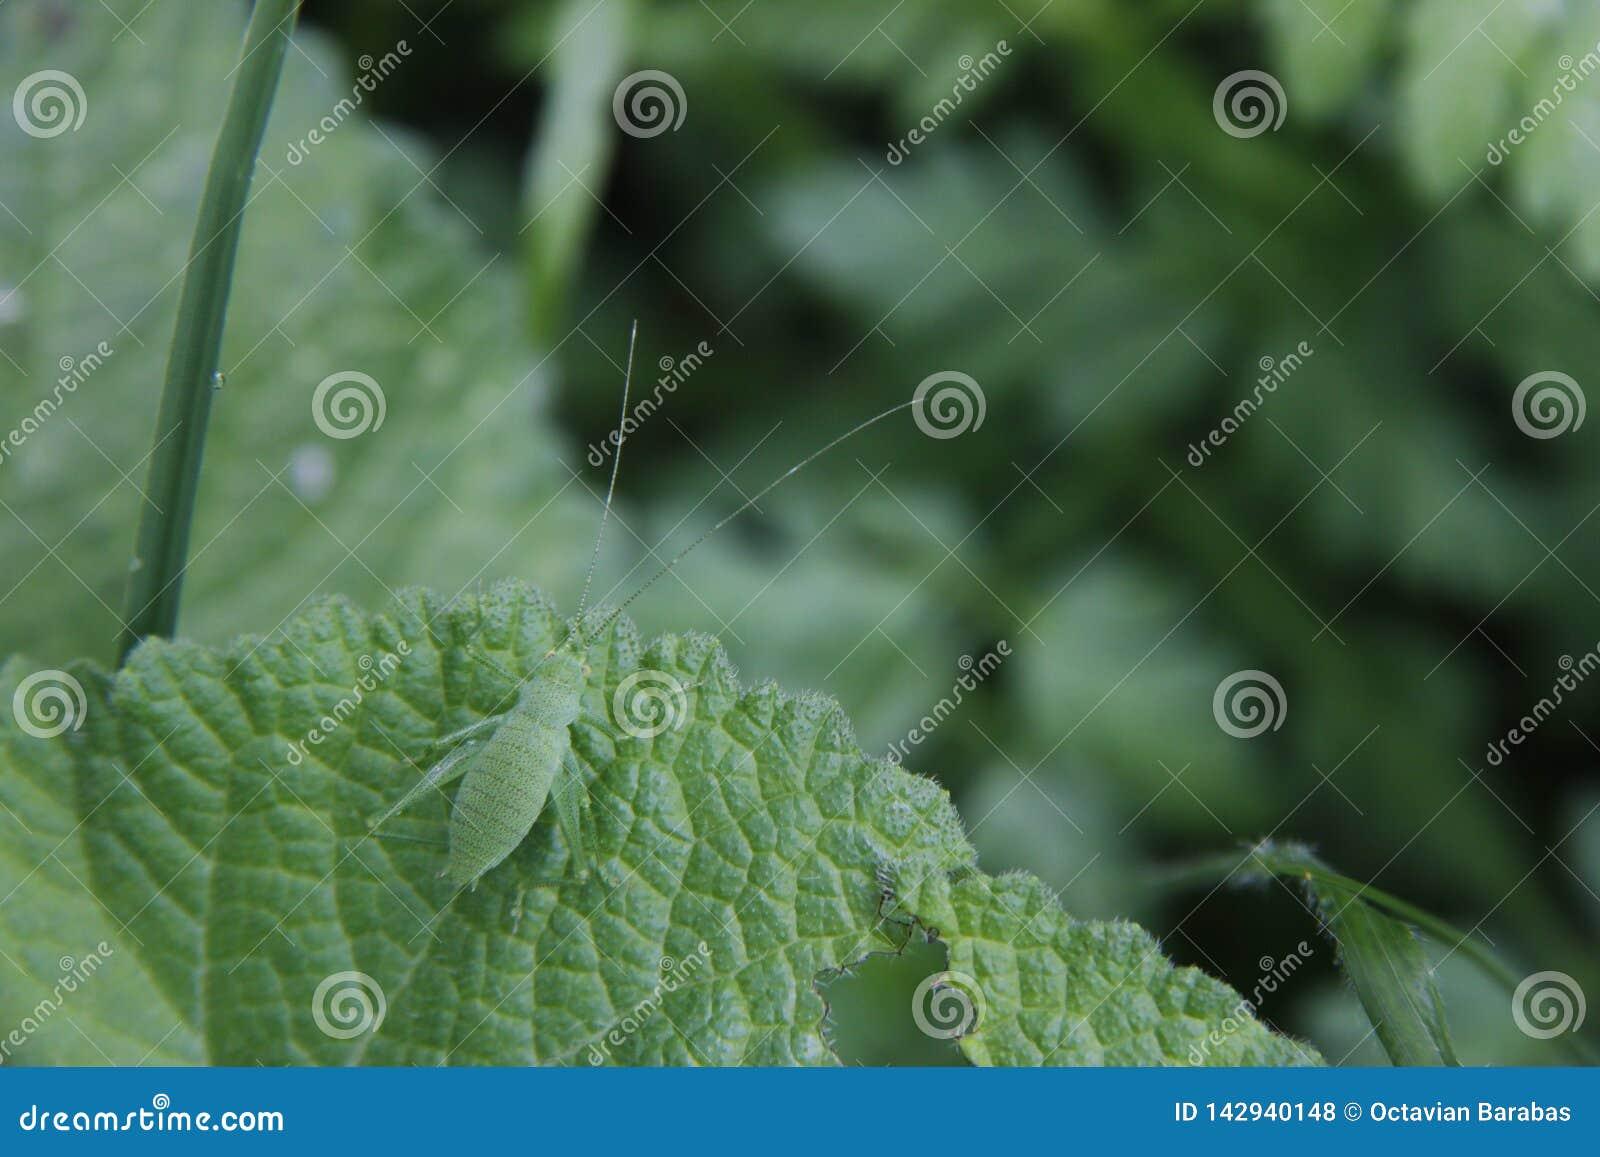 Zielony pluskwa kamuflaż na zielonym liściu z antenami